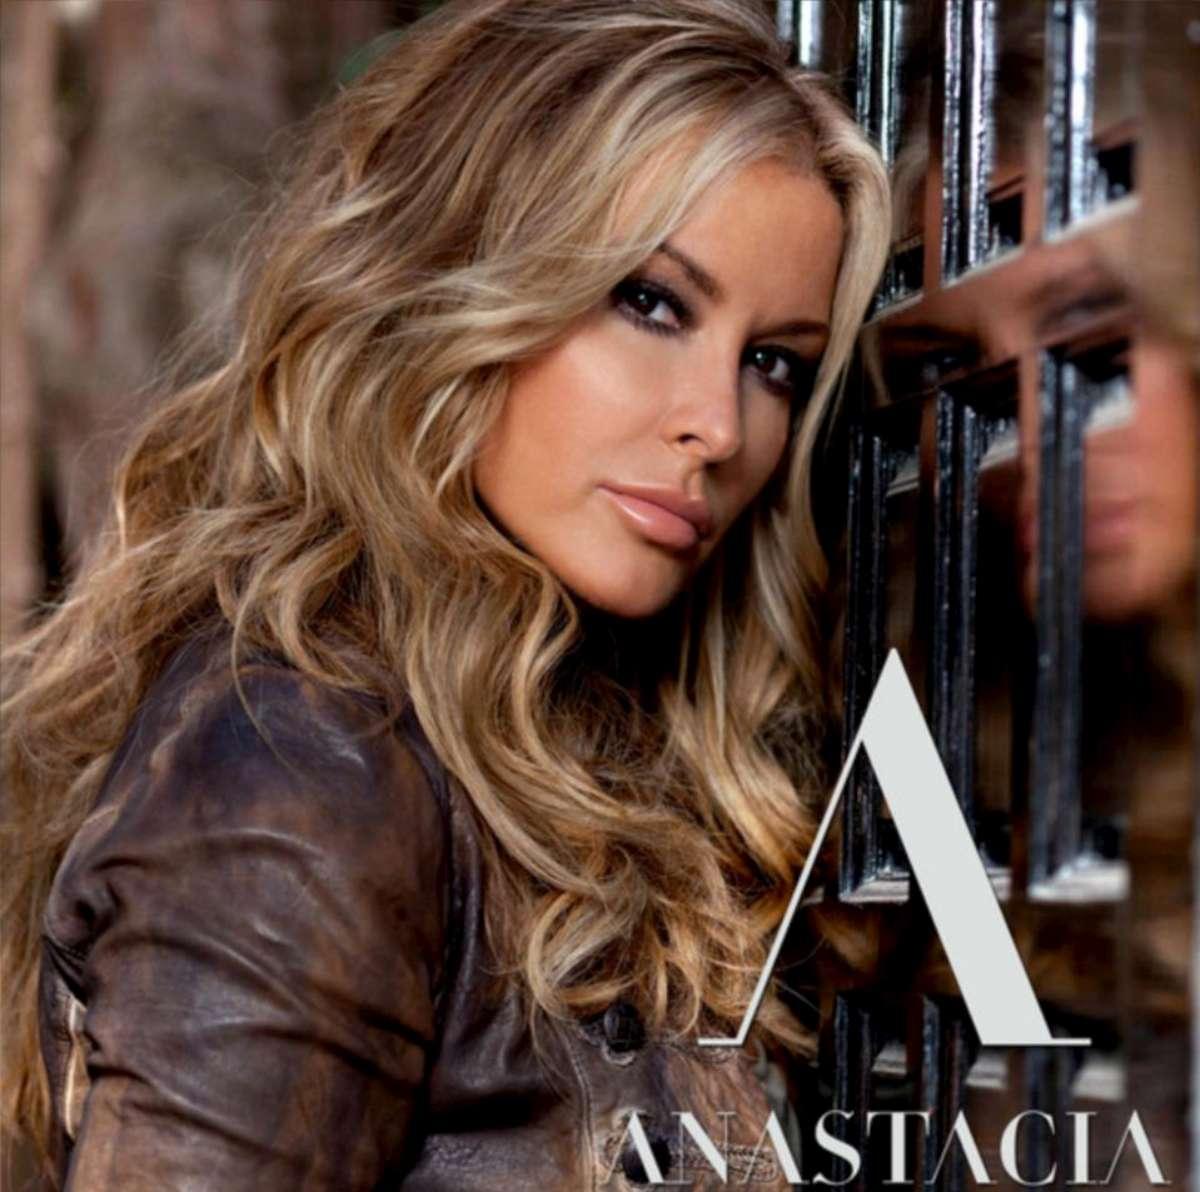 Anastacia : una voce che graffia, uno spettacolo coinvolgente